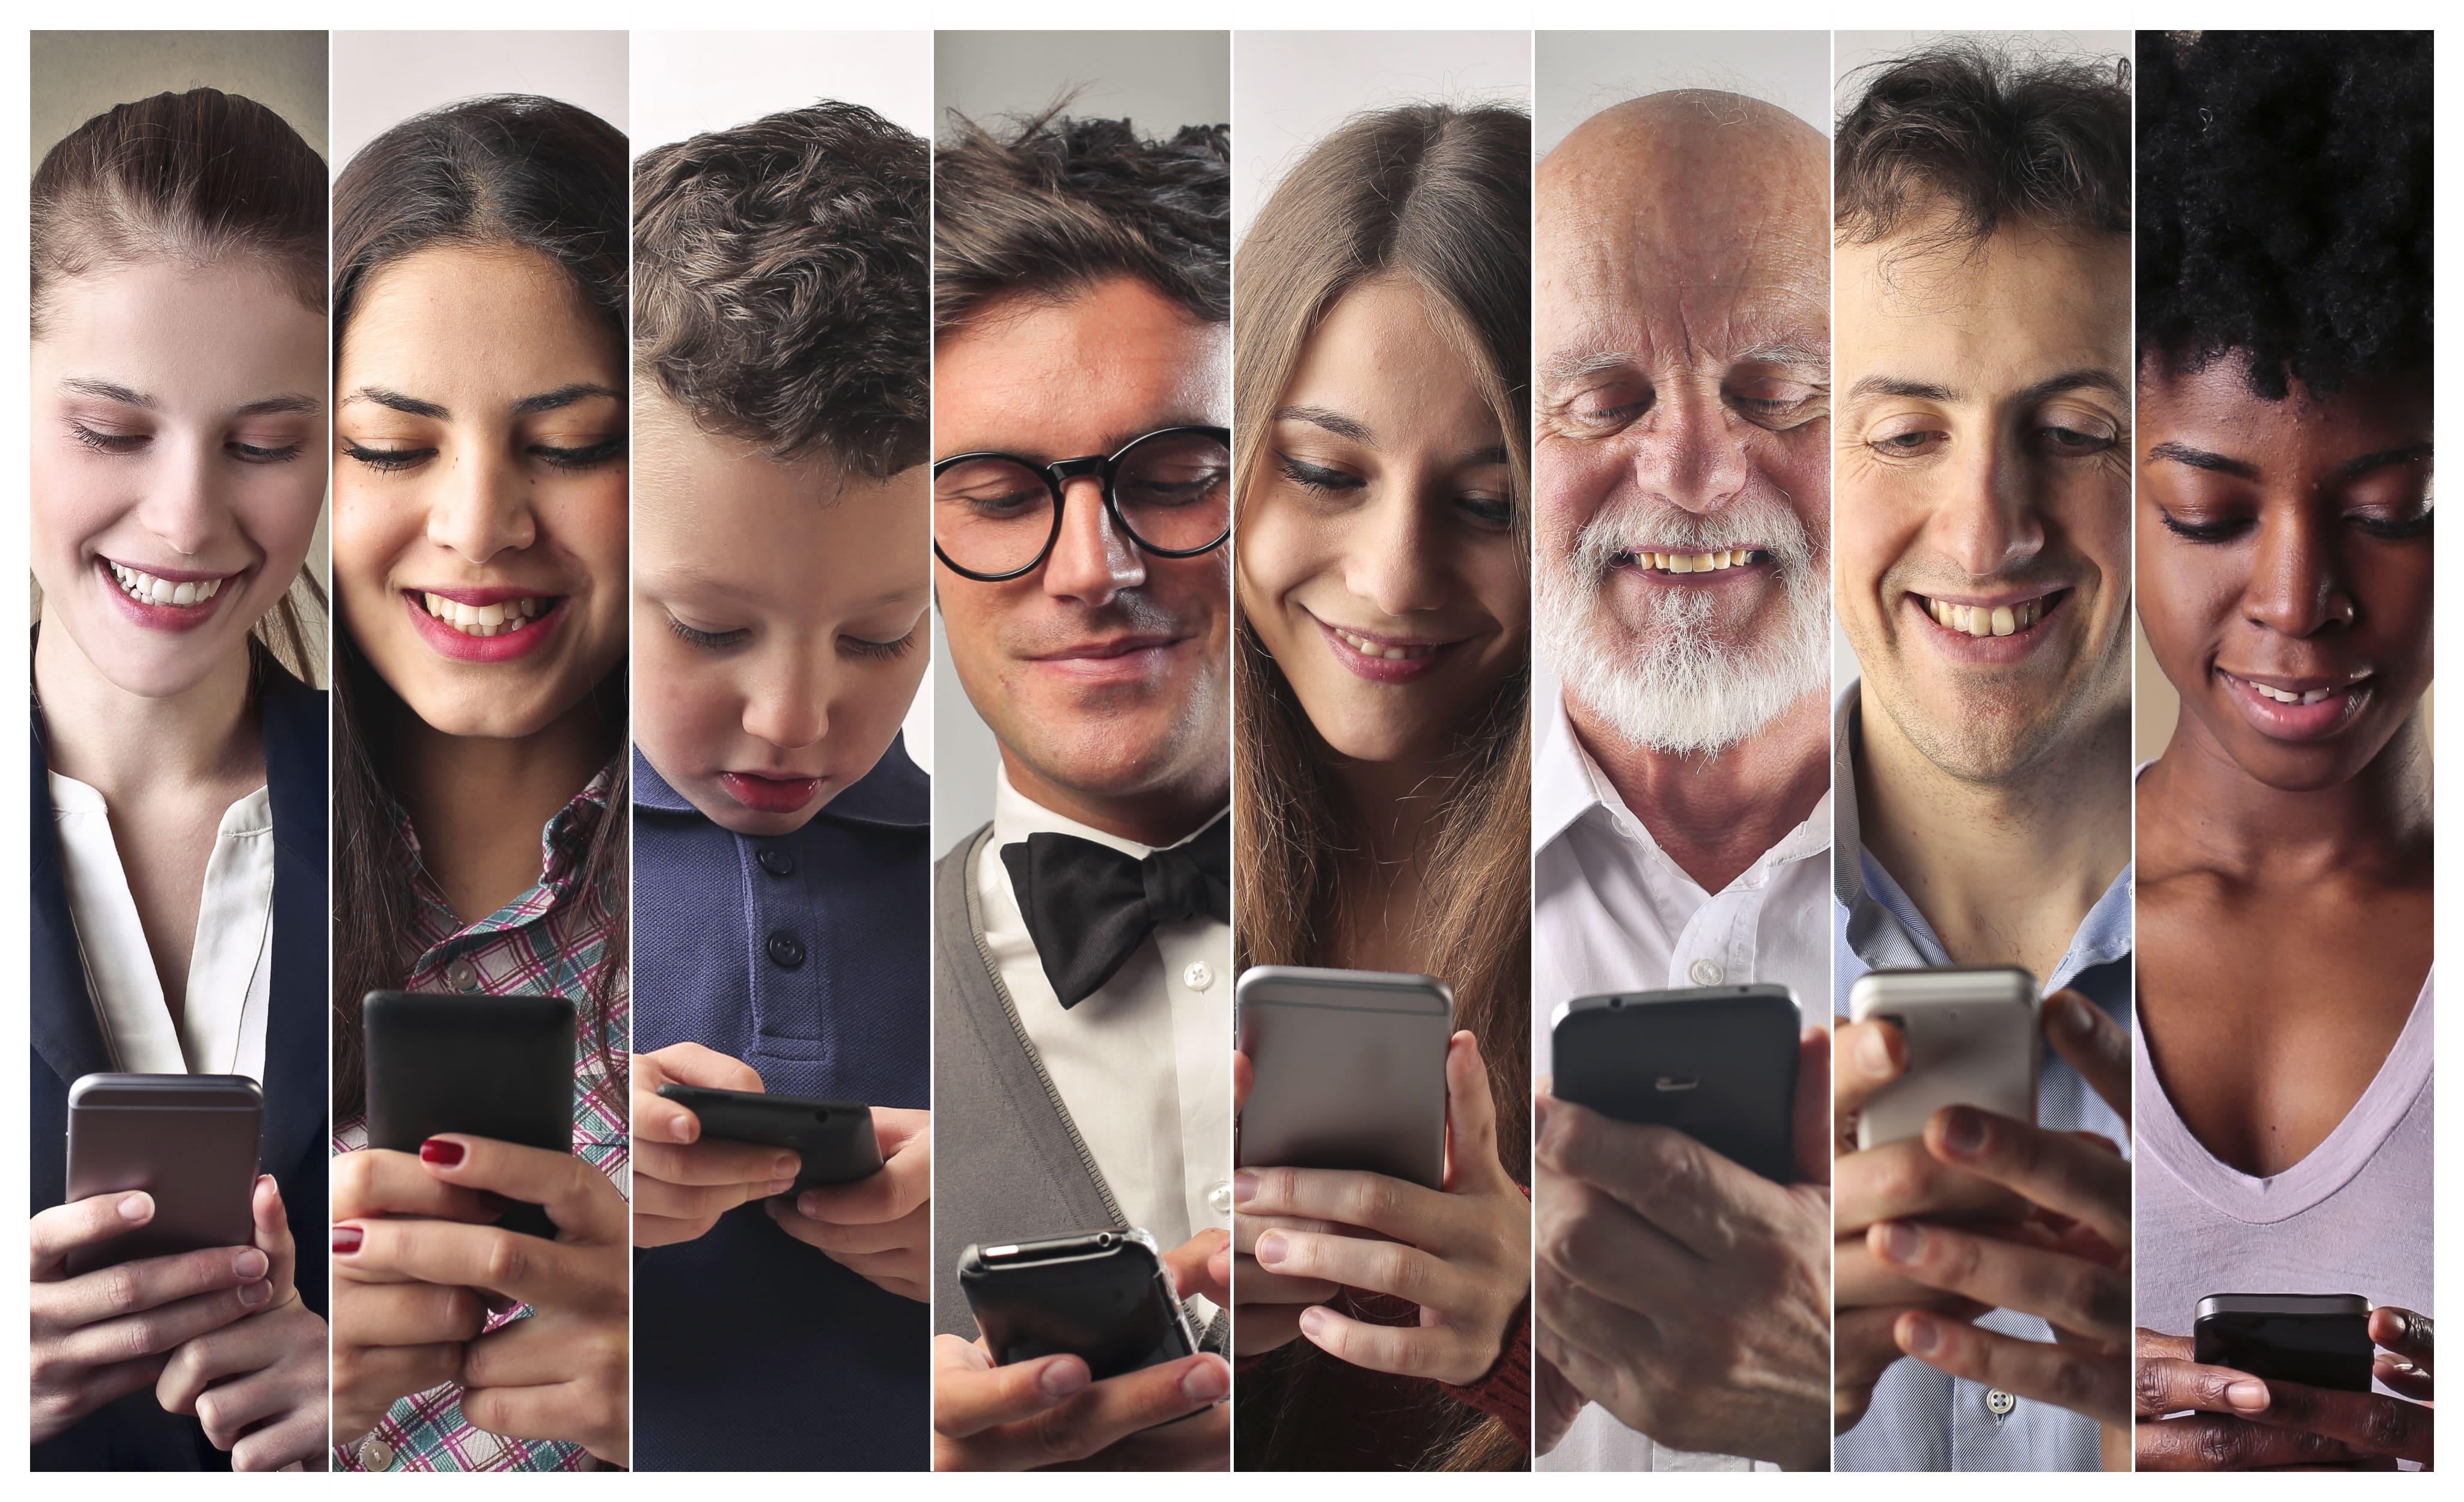 ¿Cómo detenemos la adicción a la tecnología?